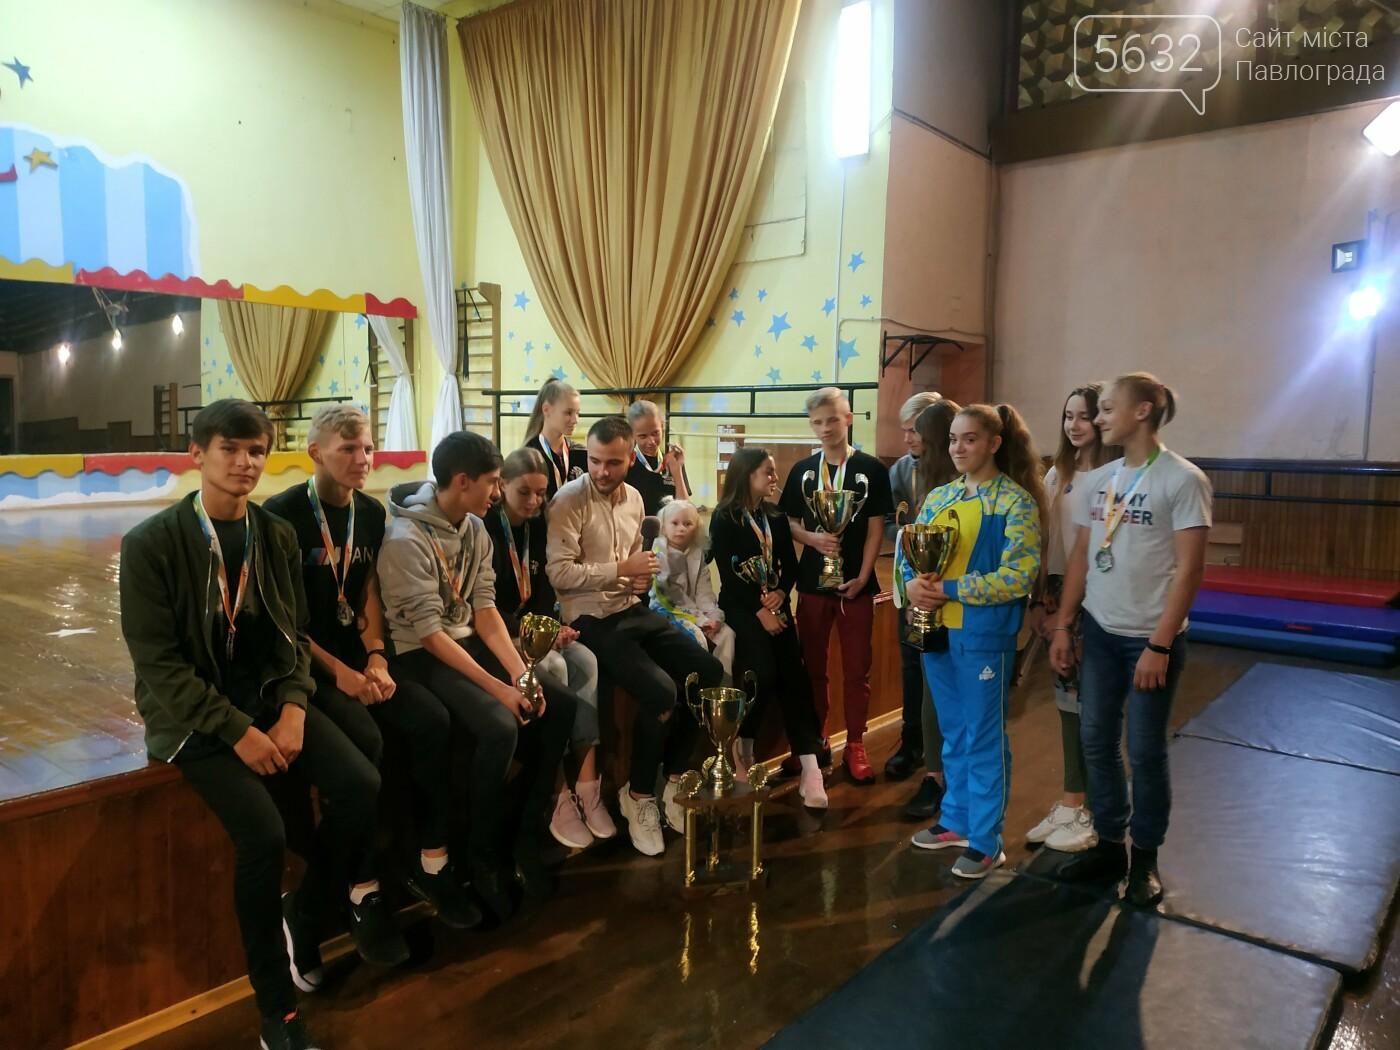 Павлоградские рок-н-рольщики – лучшие в мире!, фото-1